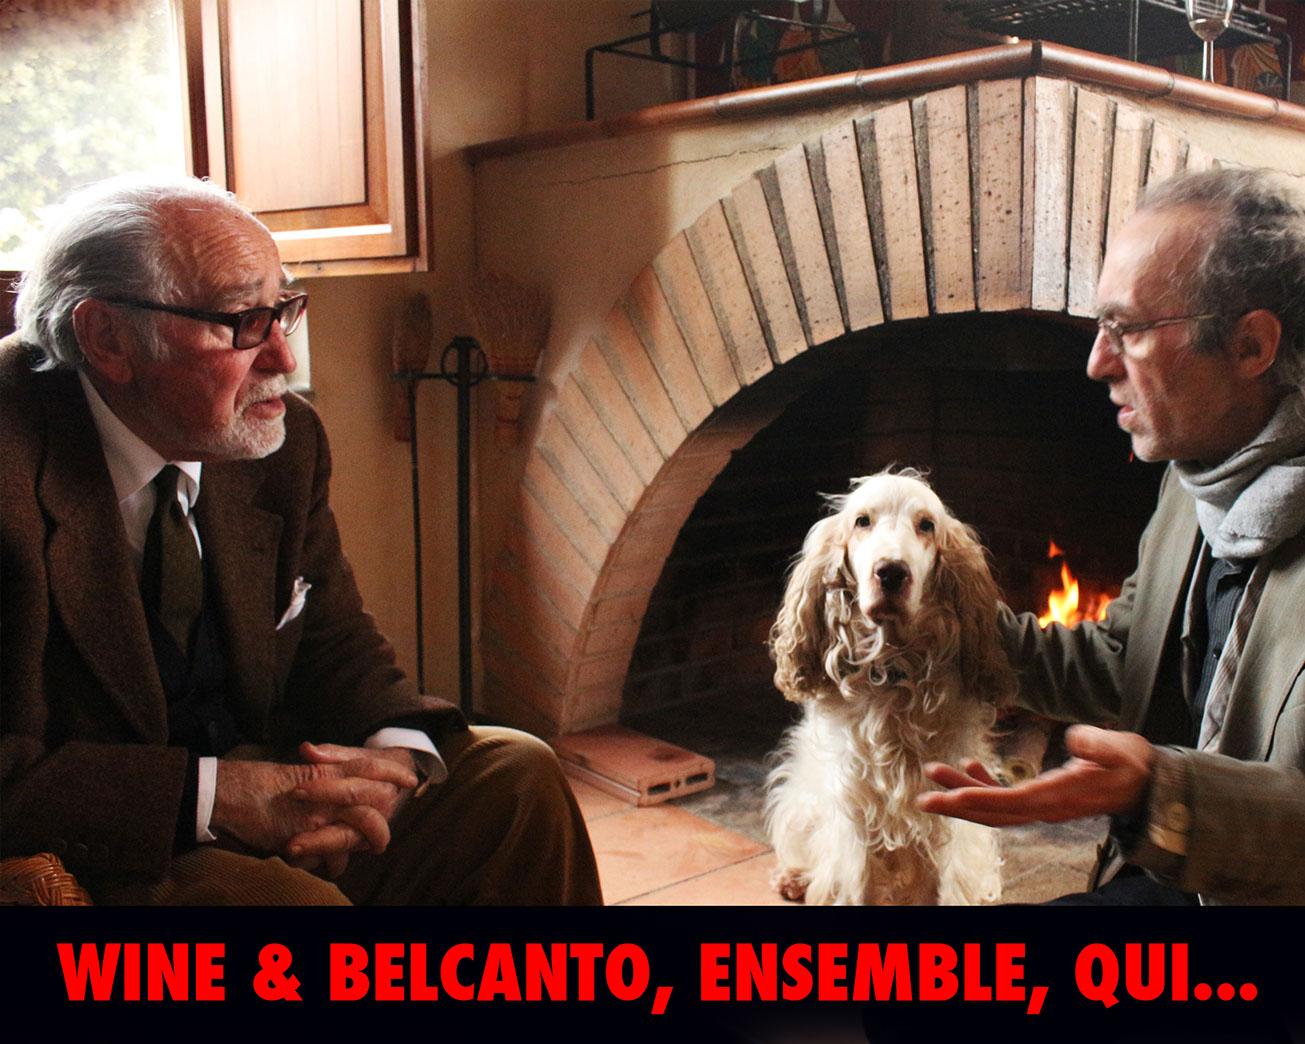 Wine & Belcanto